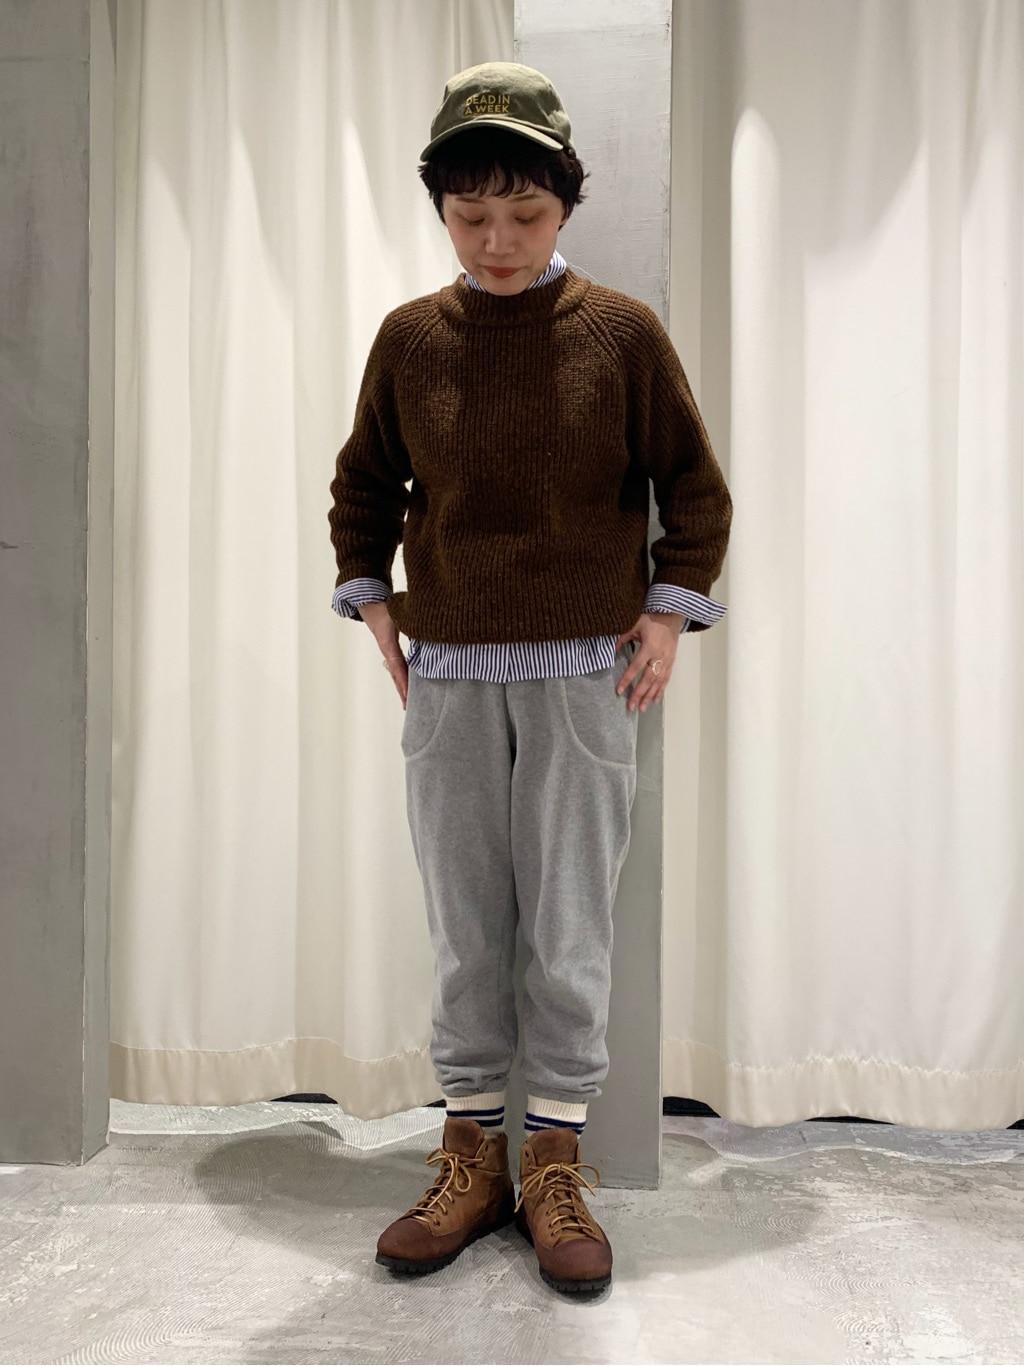 - PAR ICI CHILD WOMAN,PAR ICI ルミネ横浜 身長:160cm 2020.12.15